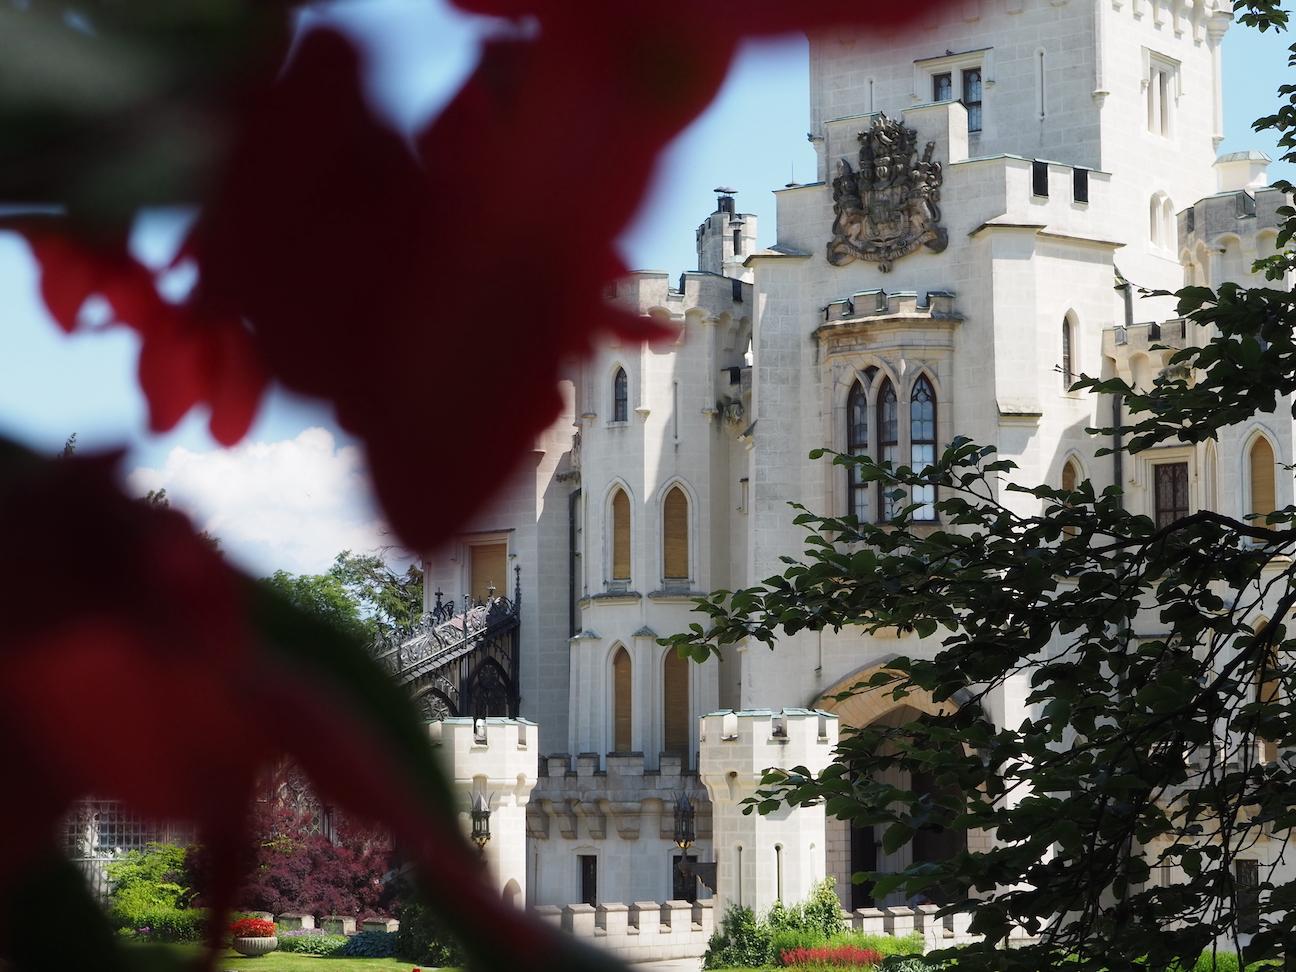 Le château Hluboká nad Vltavou en République Tchèque